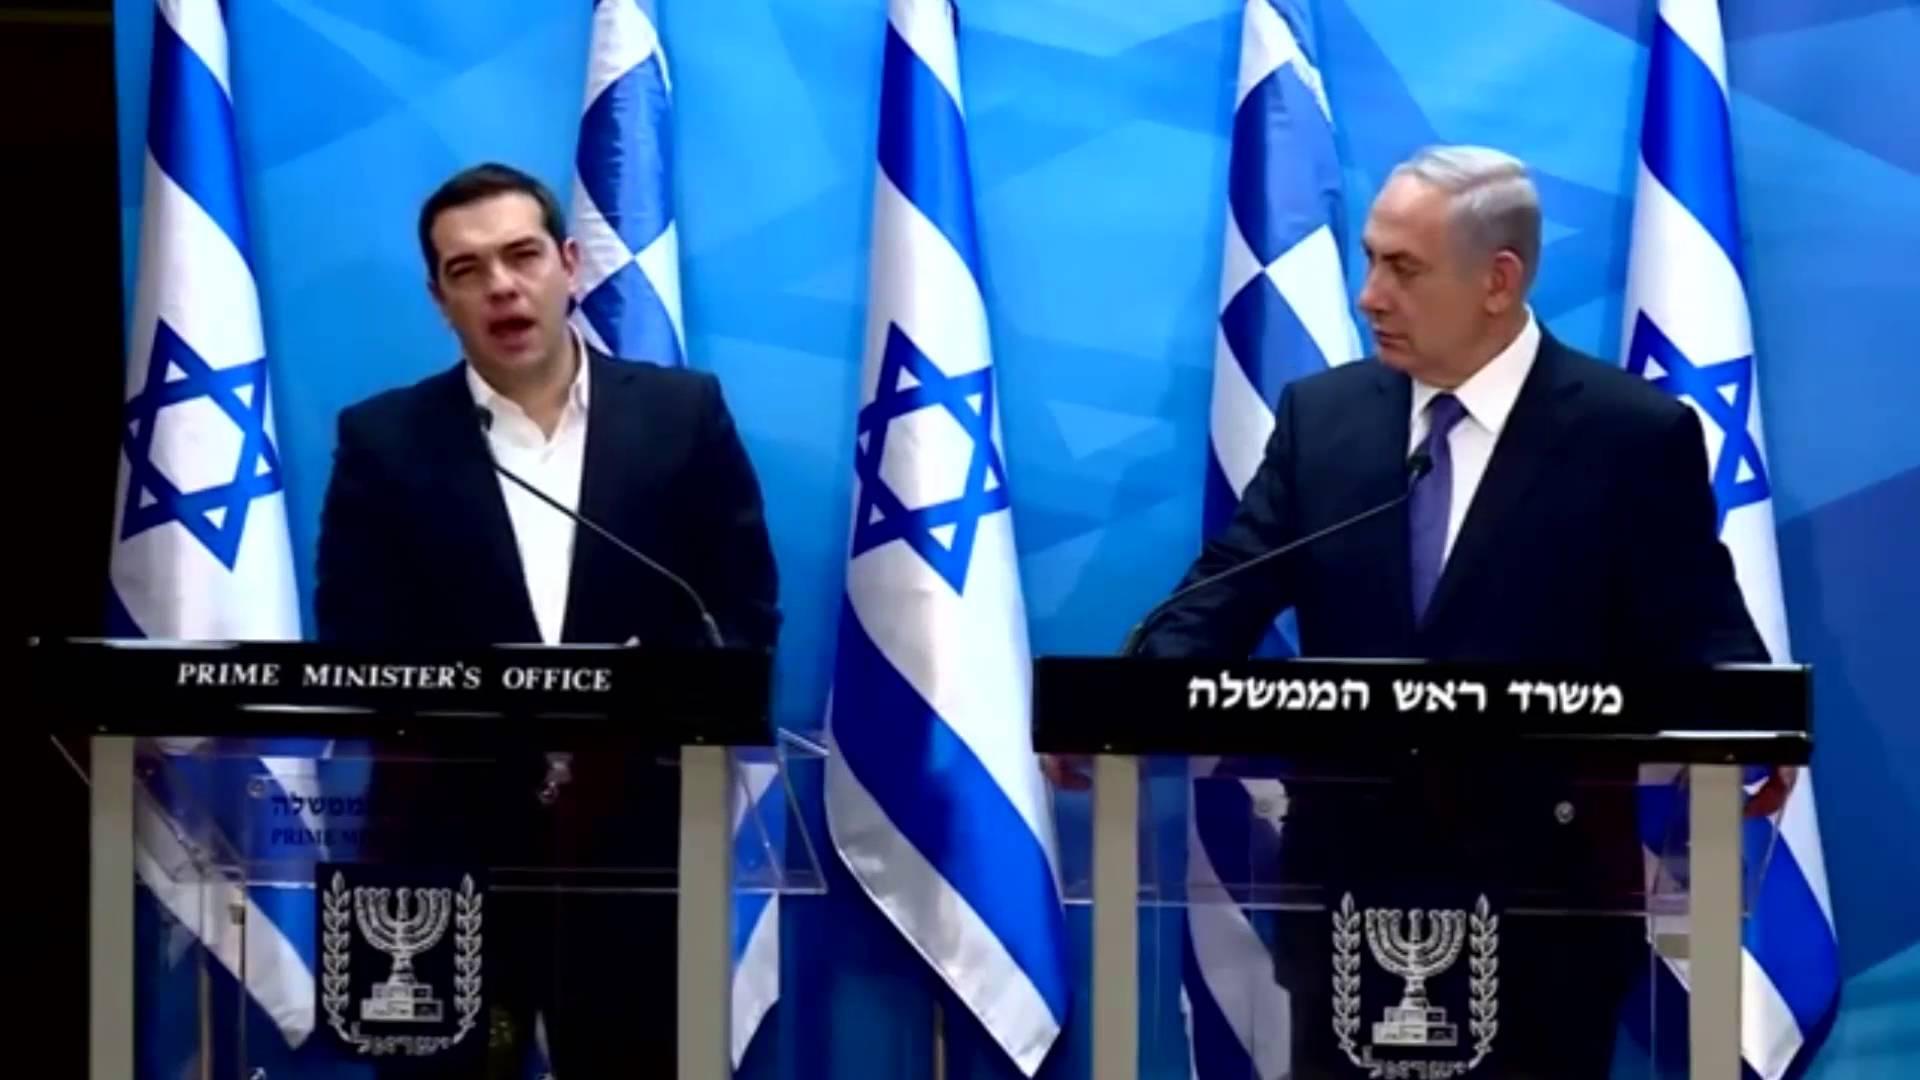 Επικοινωνία του Πρωθυπουργού με τον Πρωθυπουργό του Ισραήλ